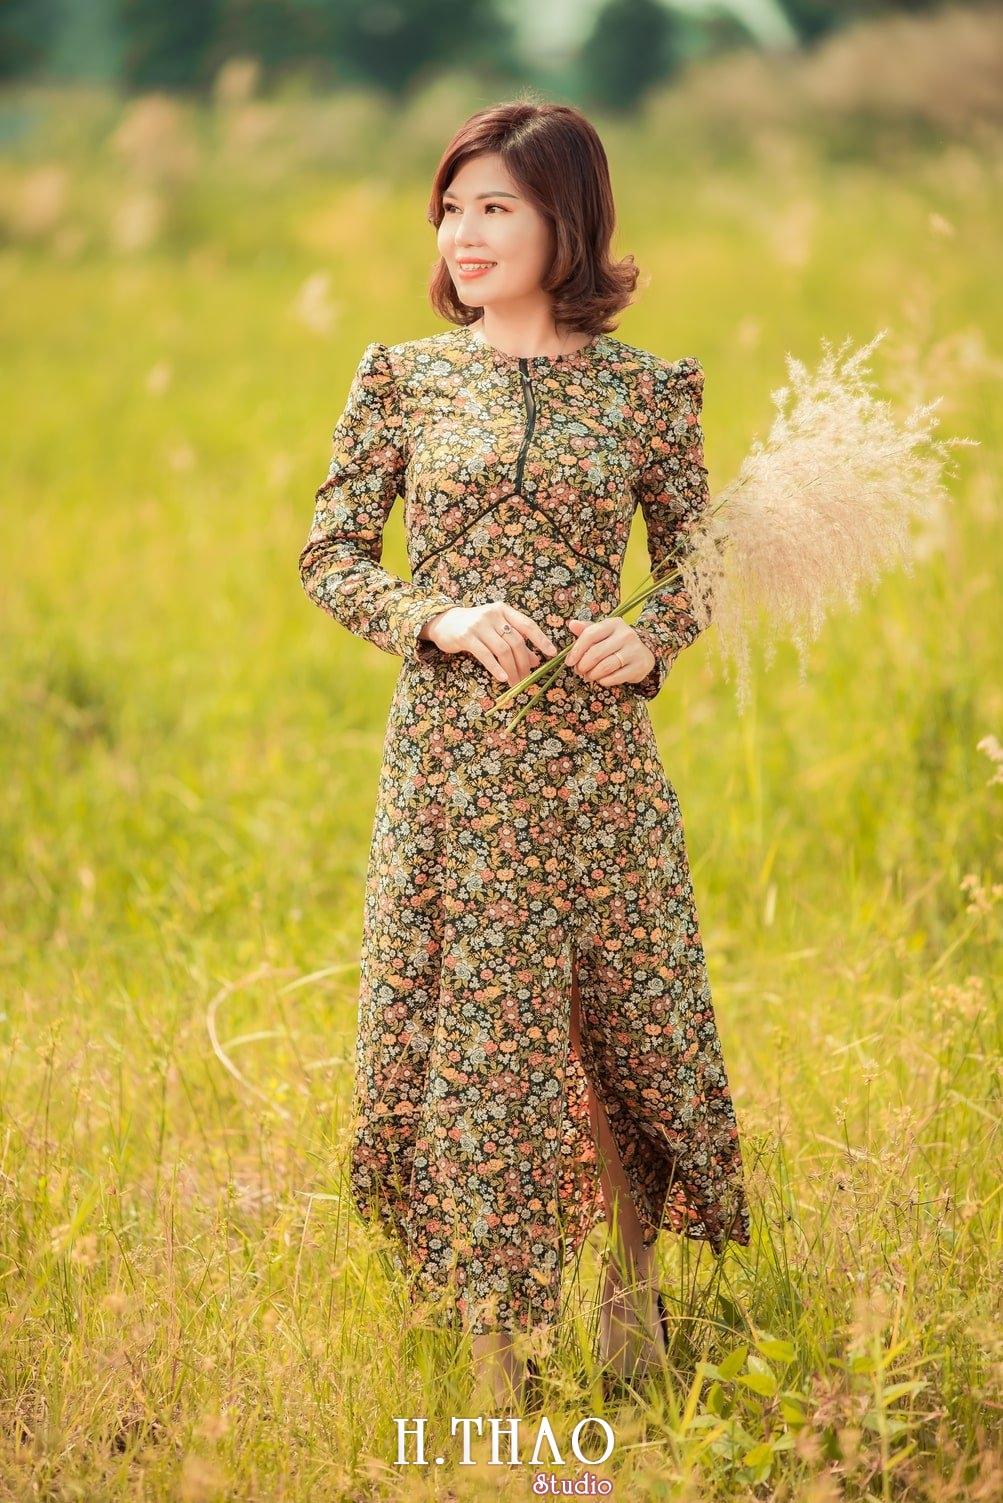 Canh Dong Co Lau 12 - Chụp ảnh với cánh đồng cỏ lau quận 9 tuyệt đẹp - HThao Studio